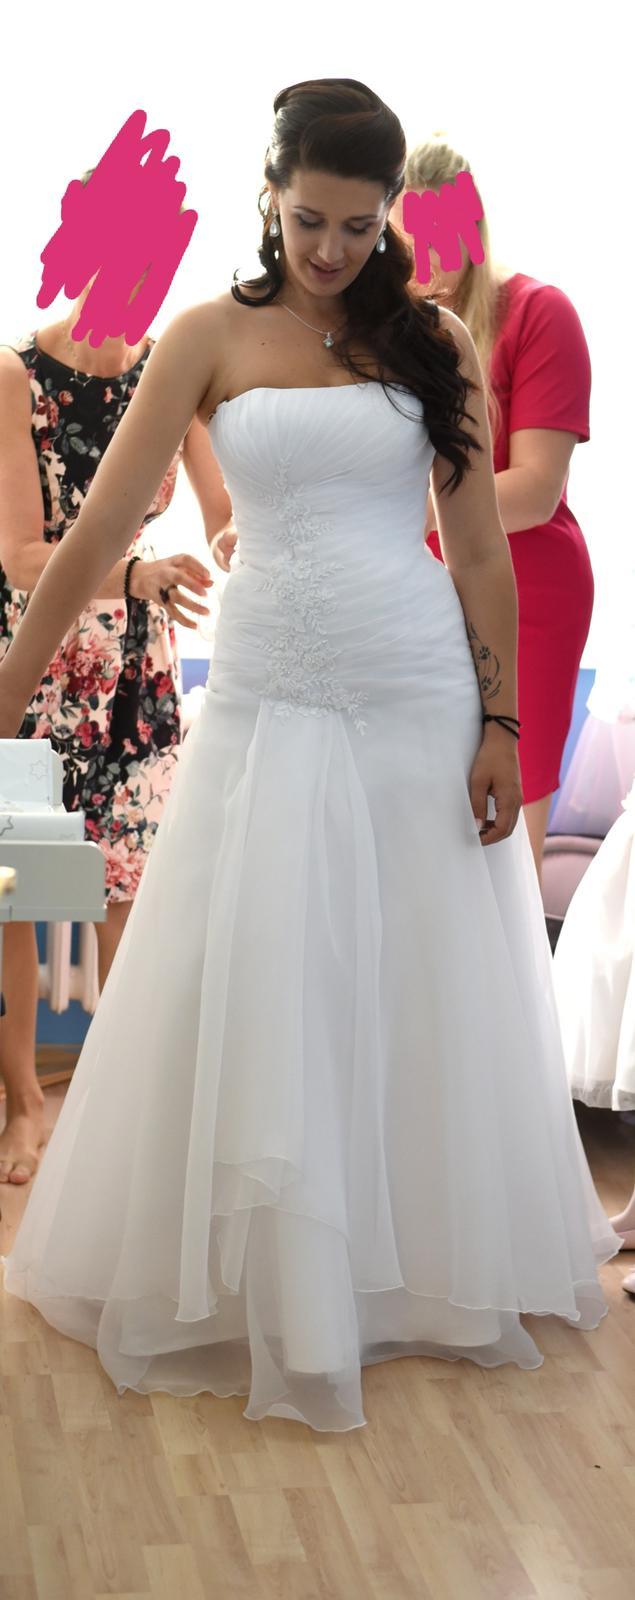 svatební šaty + závoj + bolerko - Obrázek č. 3